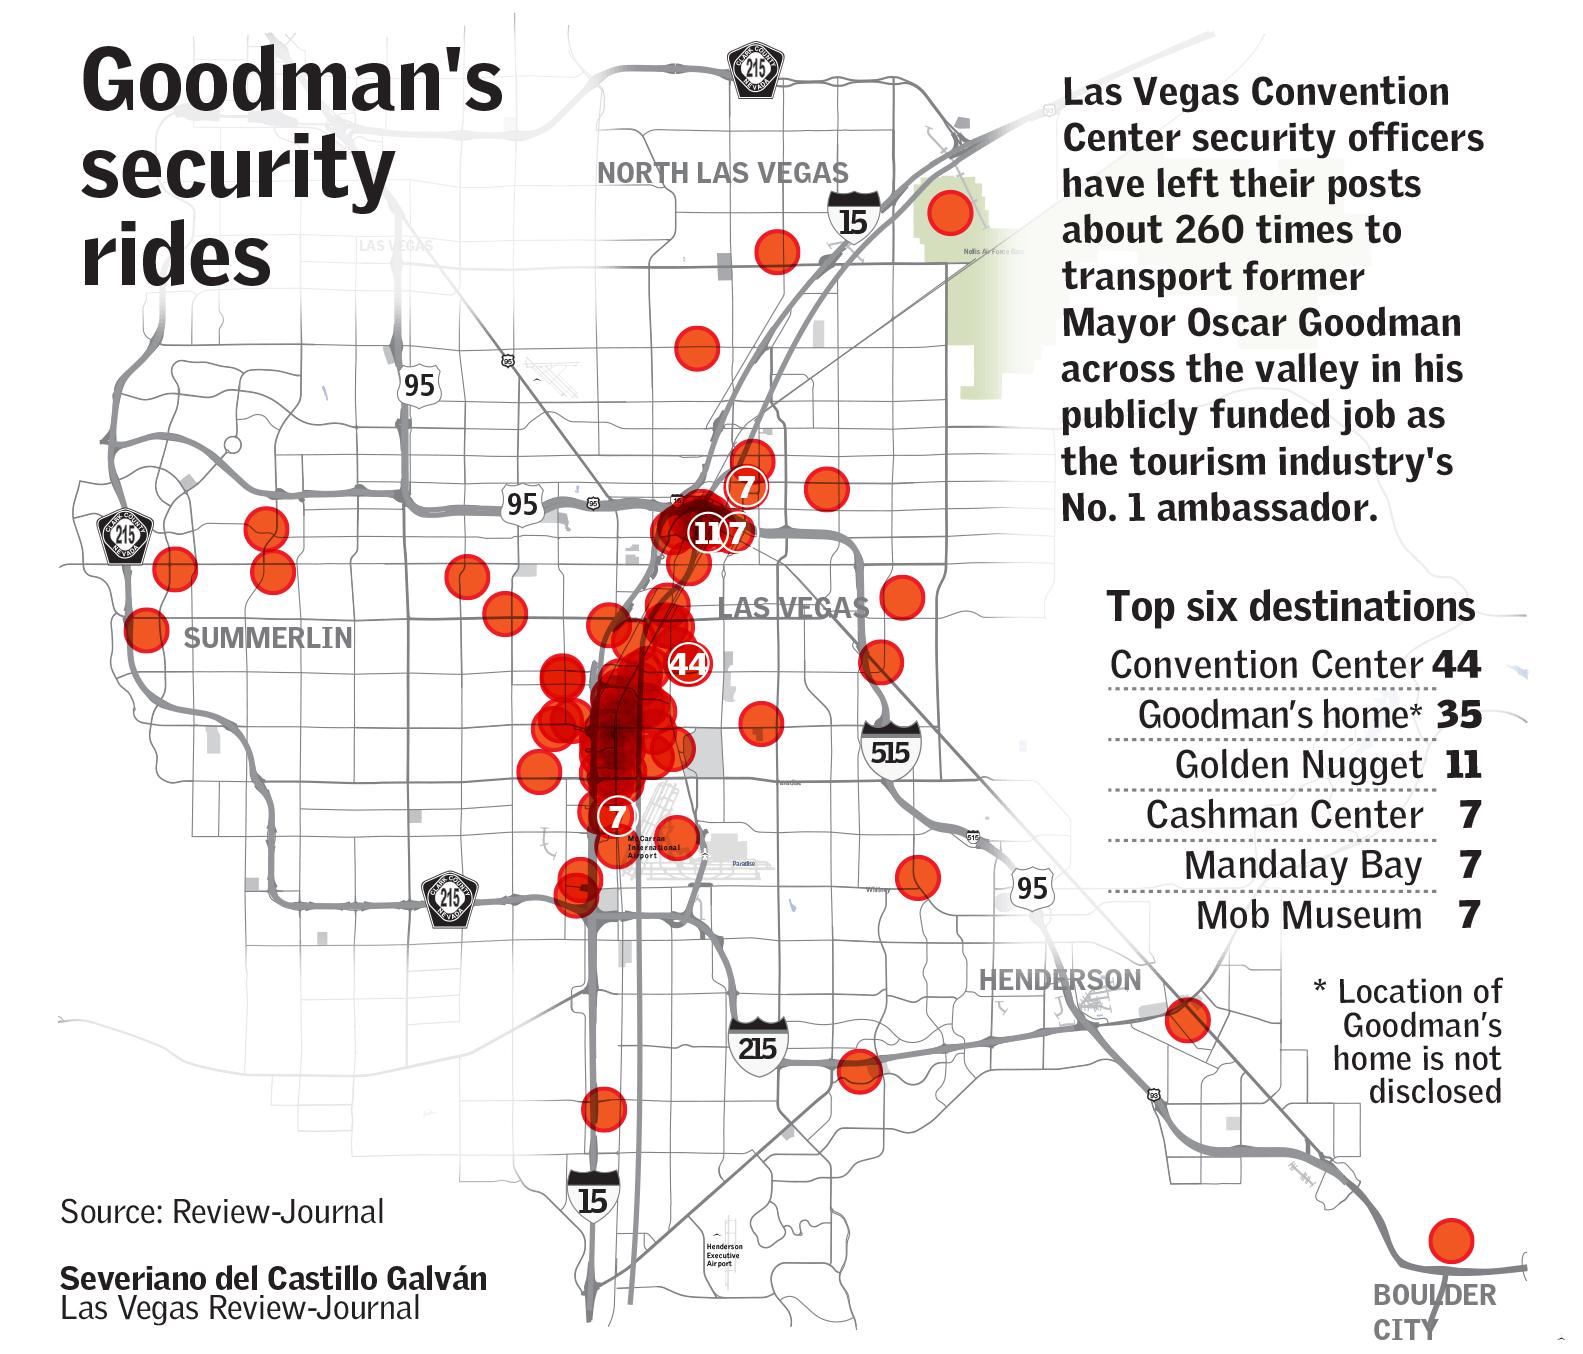 Oscar Goodman's security rides